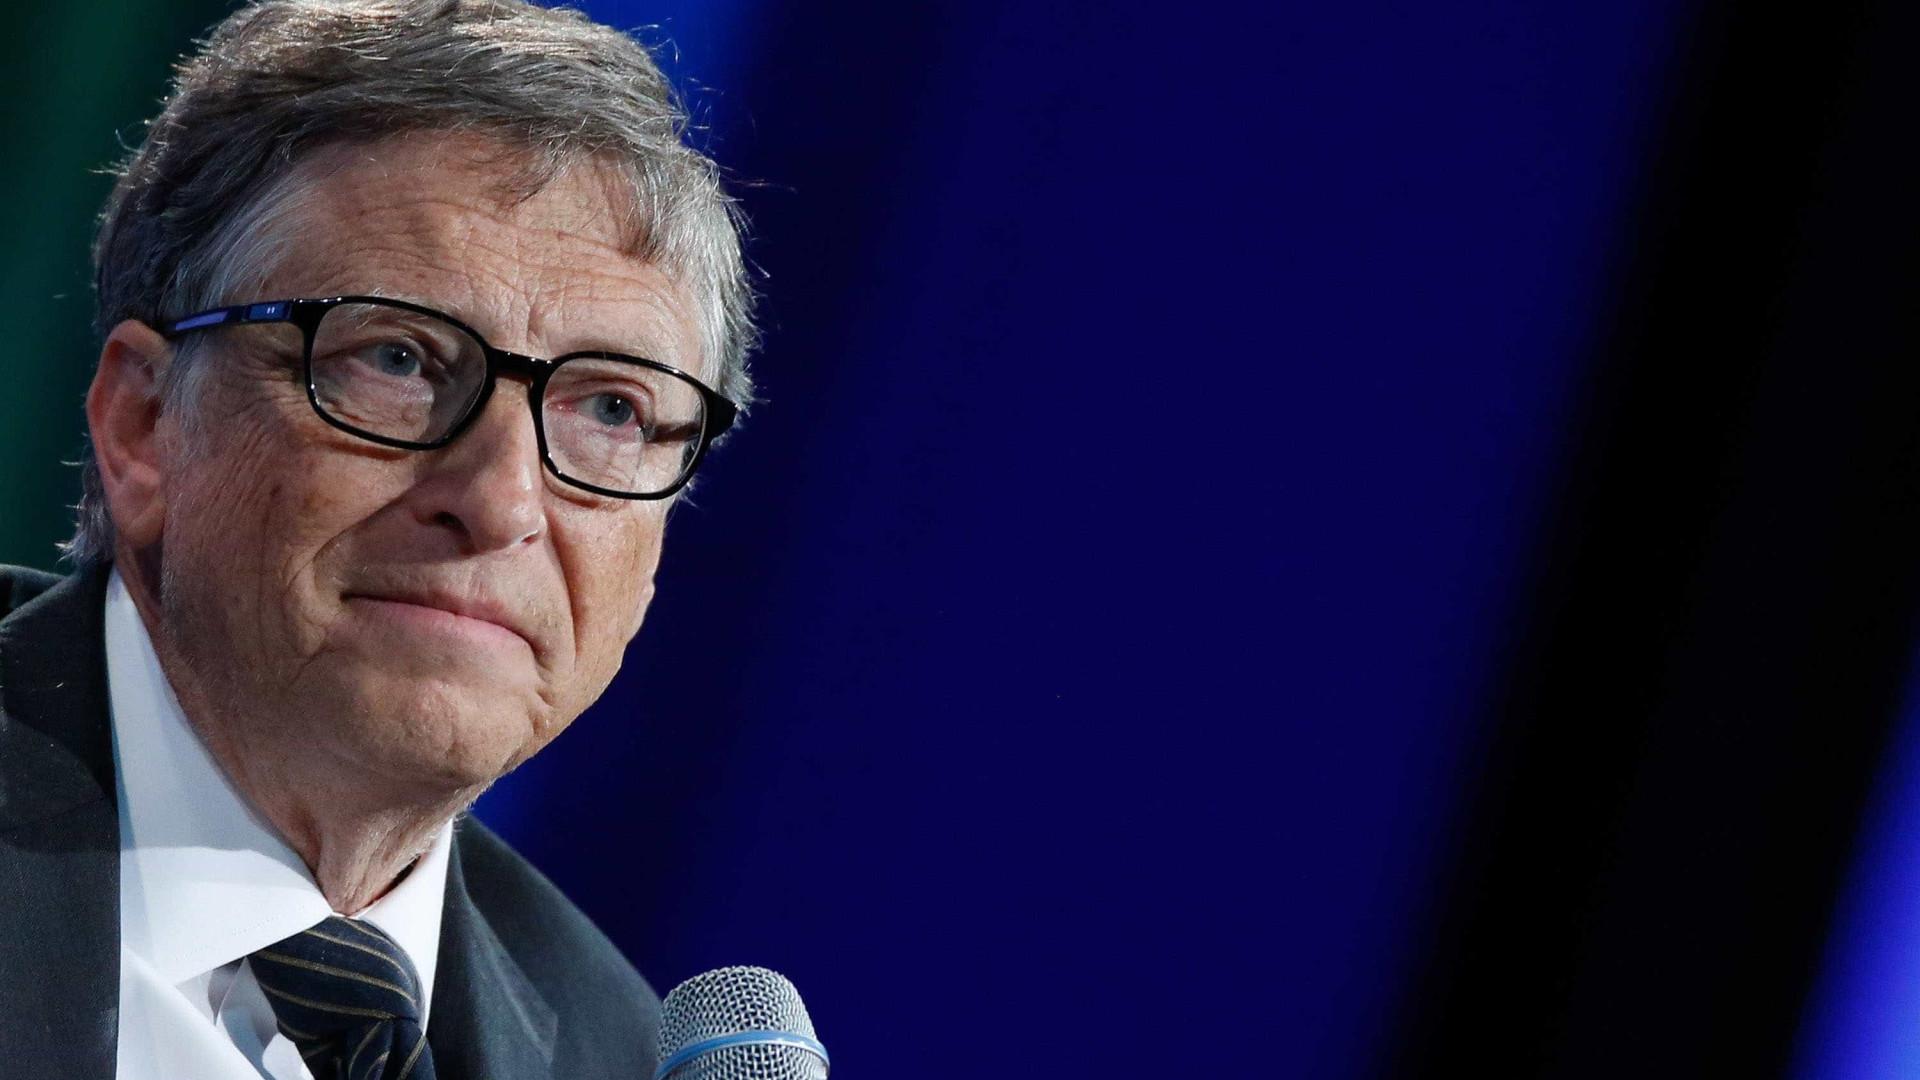 Bill Gates continua a ser o mais rico do mundo